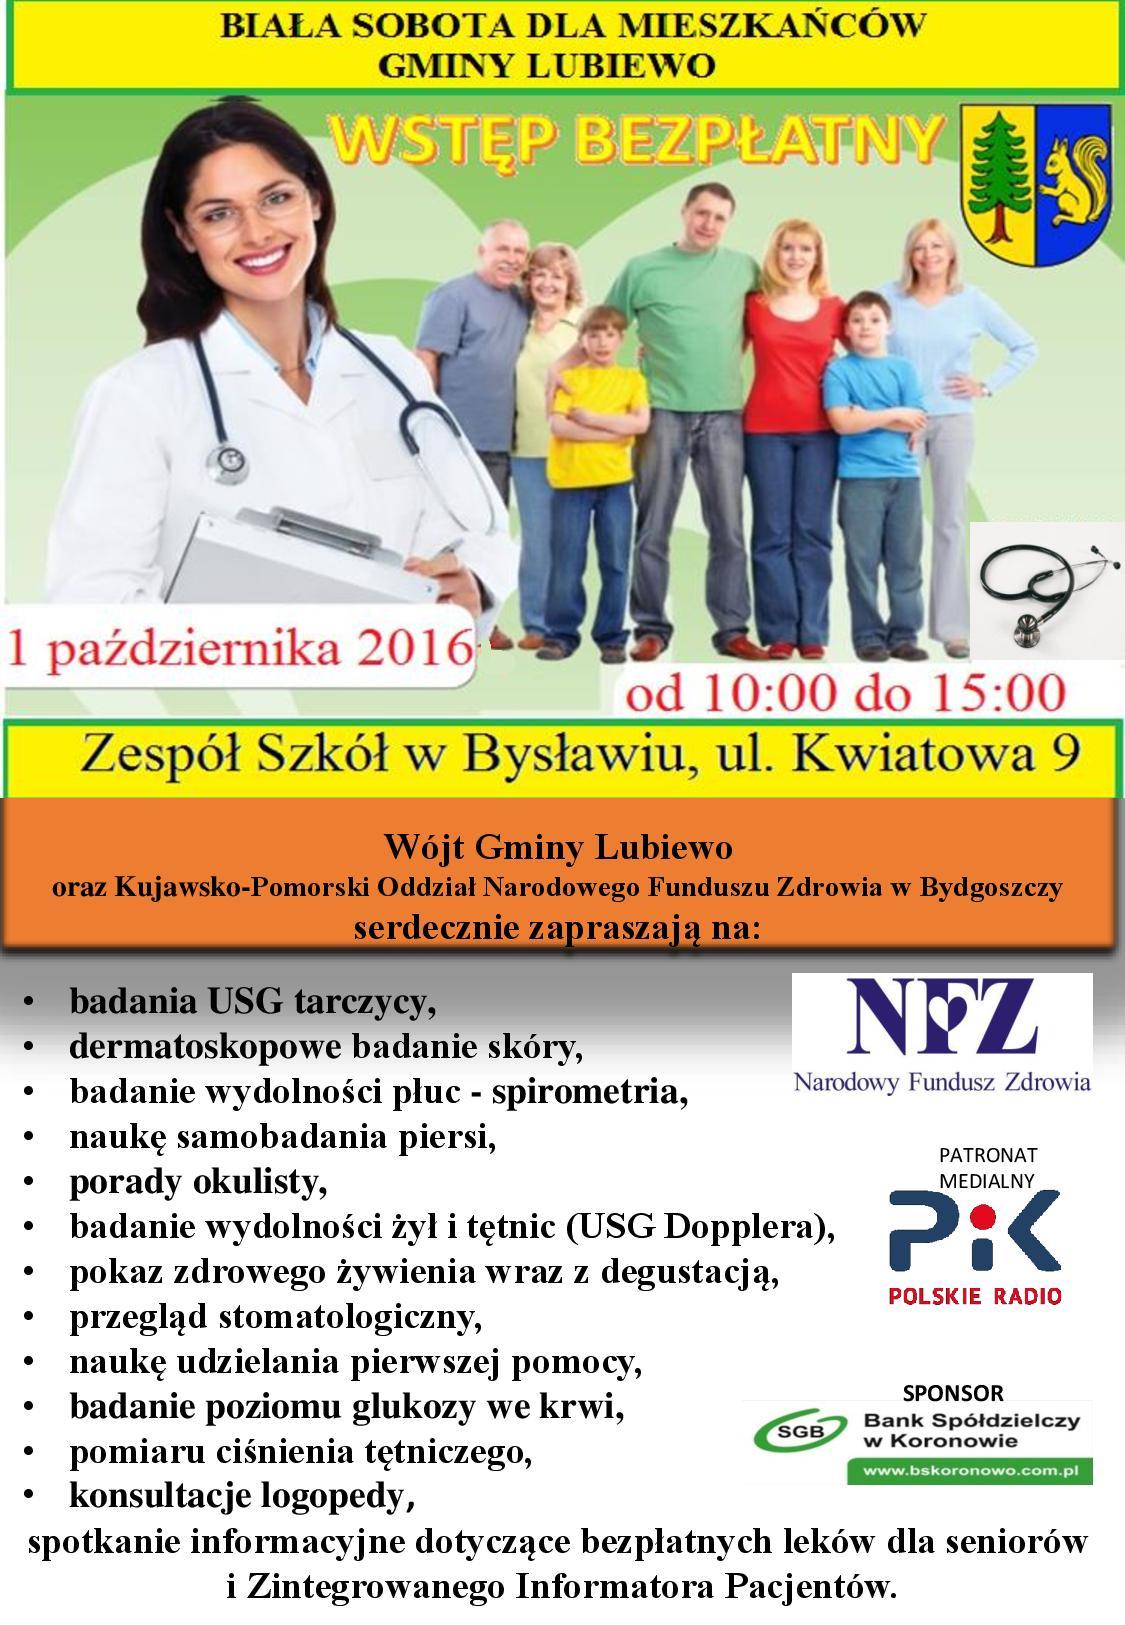 plakat-biala-sobota-pdf-page-001-1